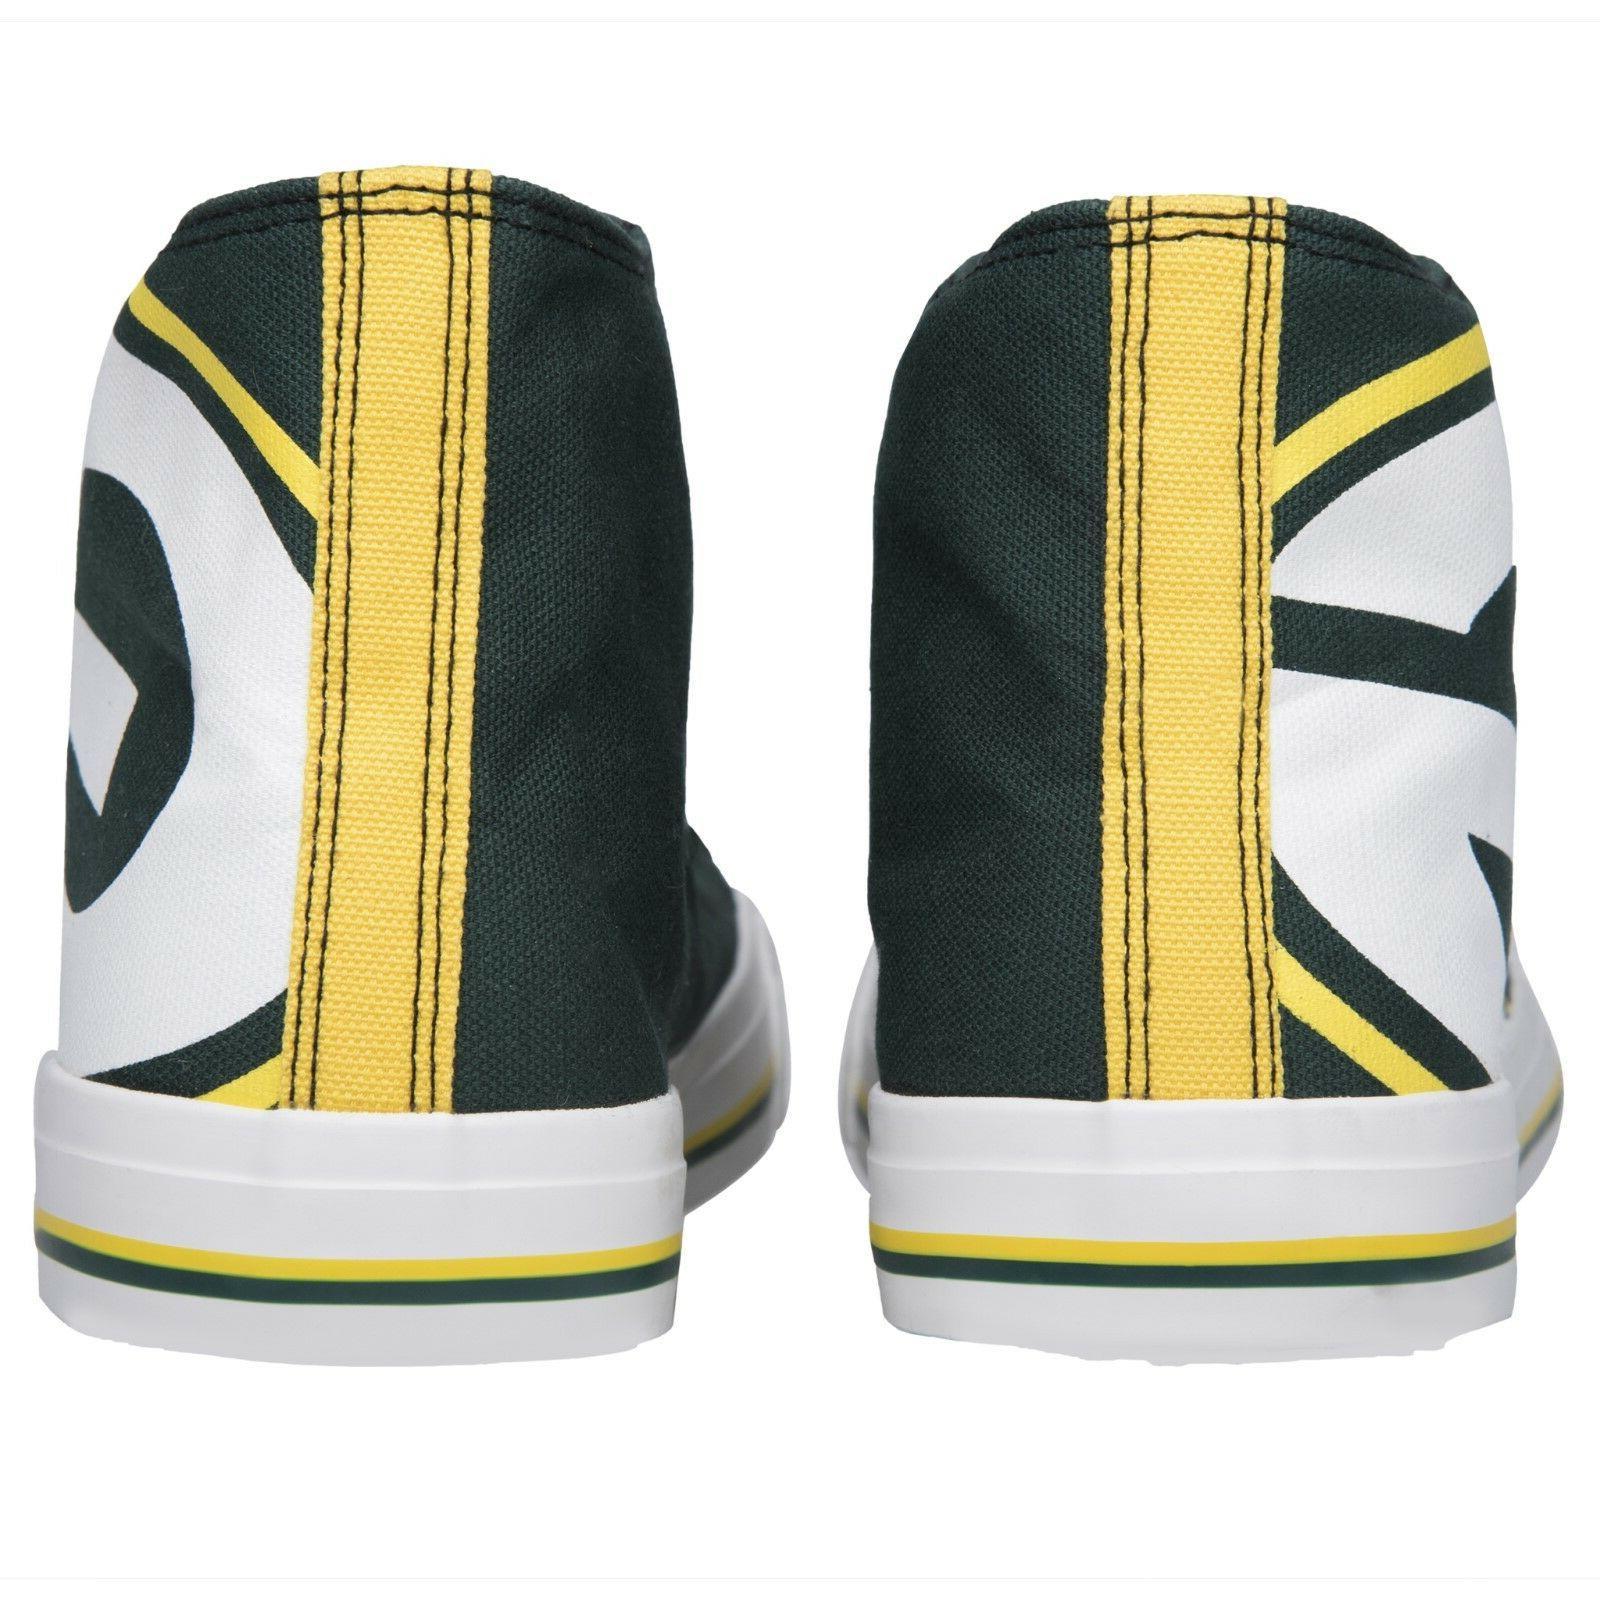 Green Top Big Shoes